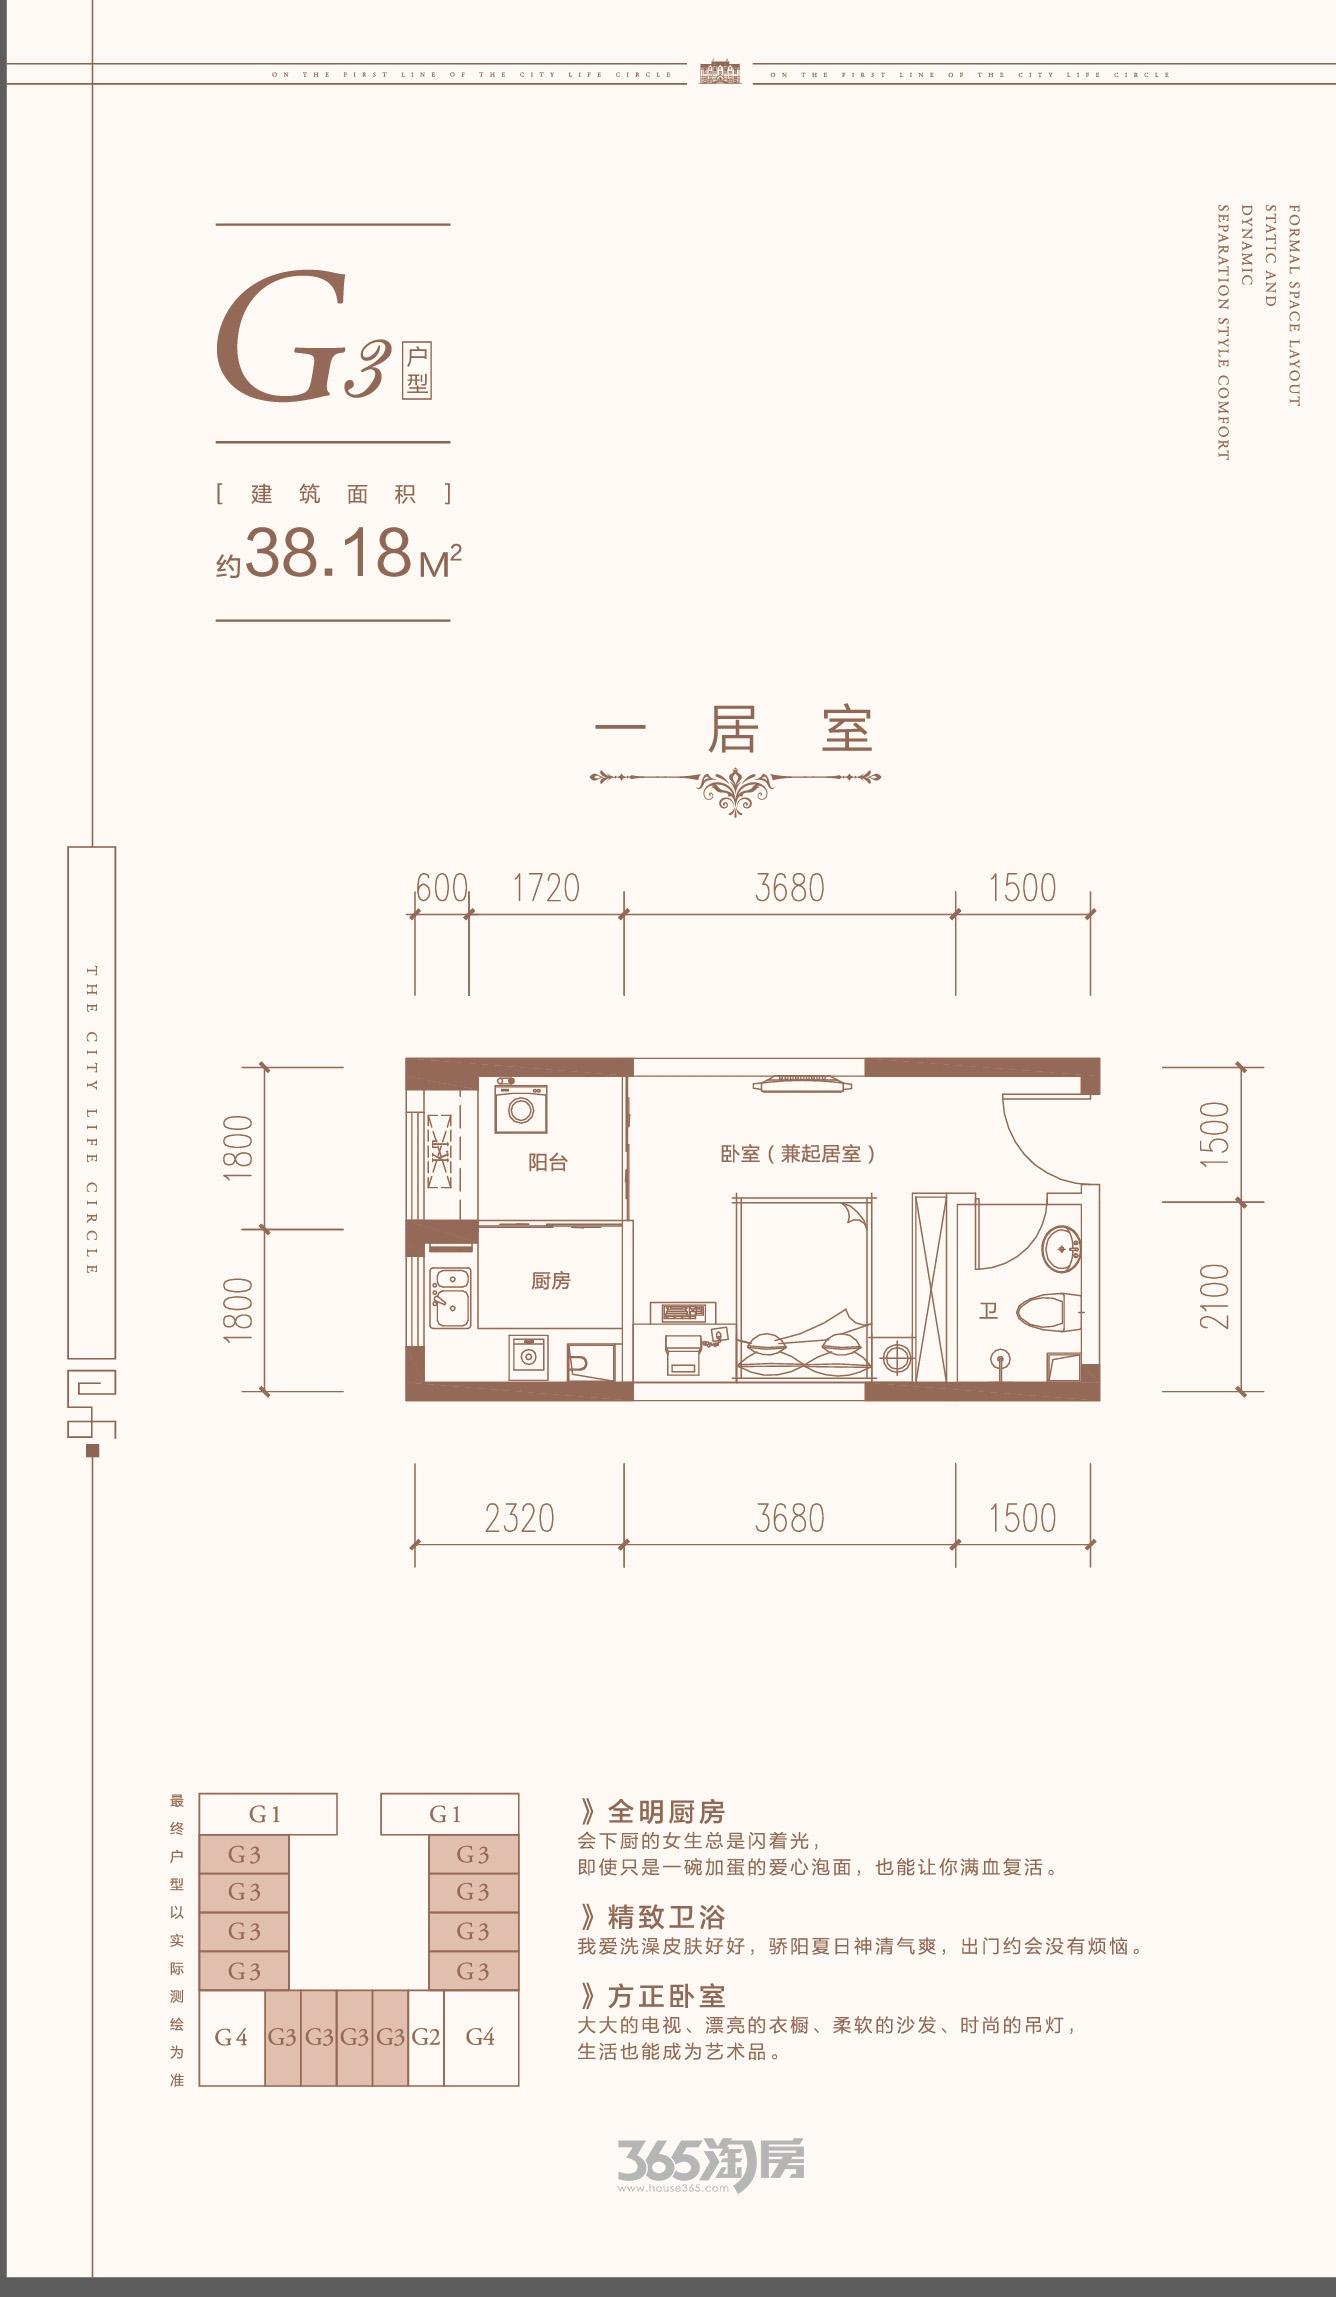 星海城G3公寓户型